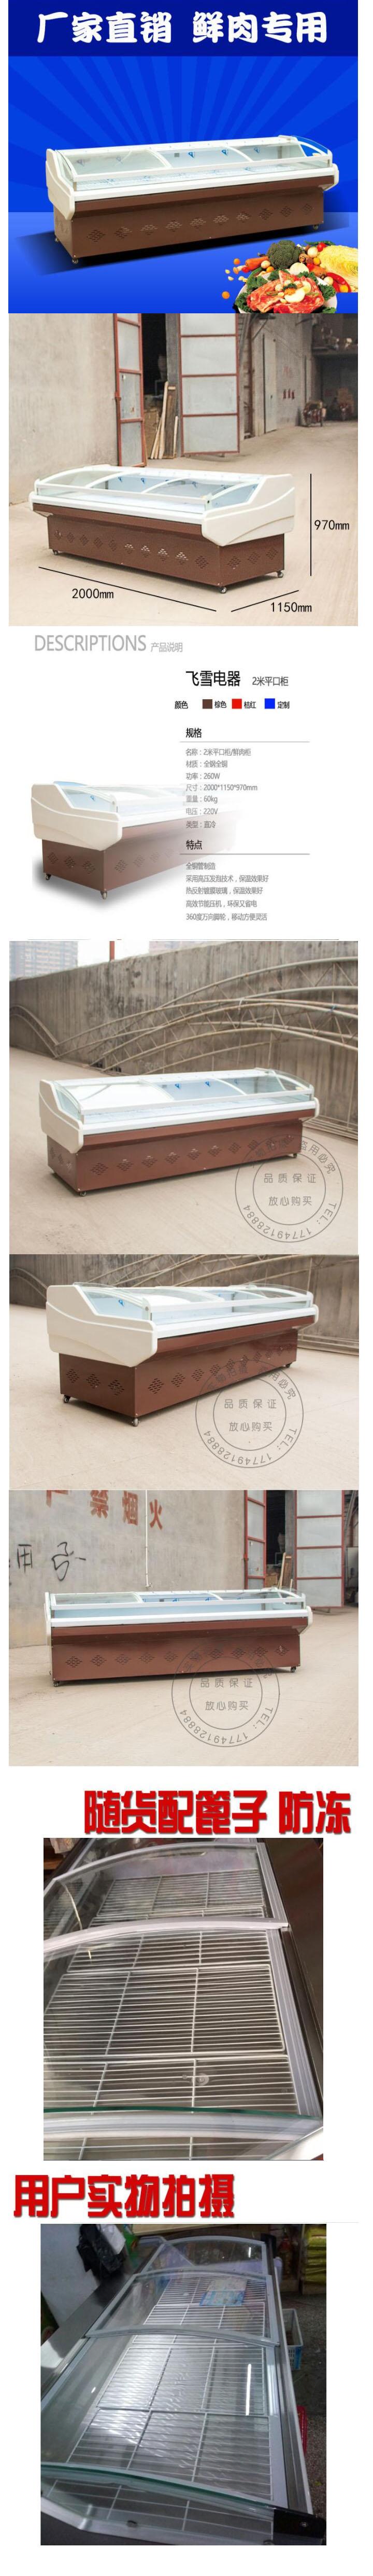 西安1.6米平口柜